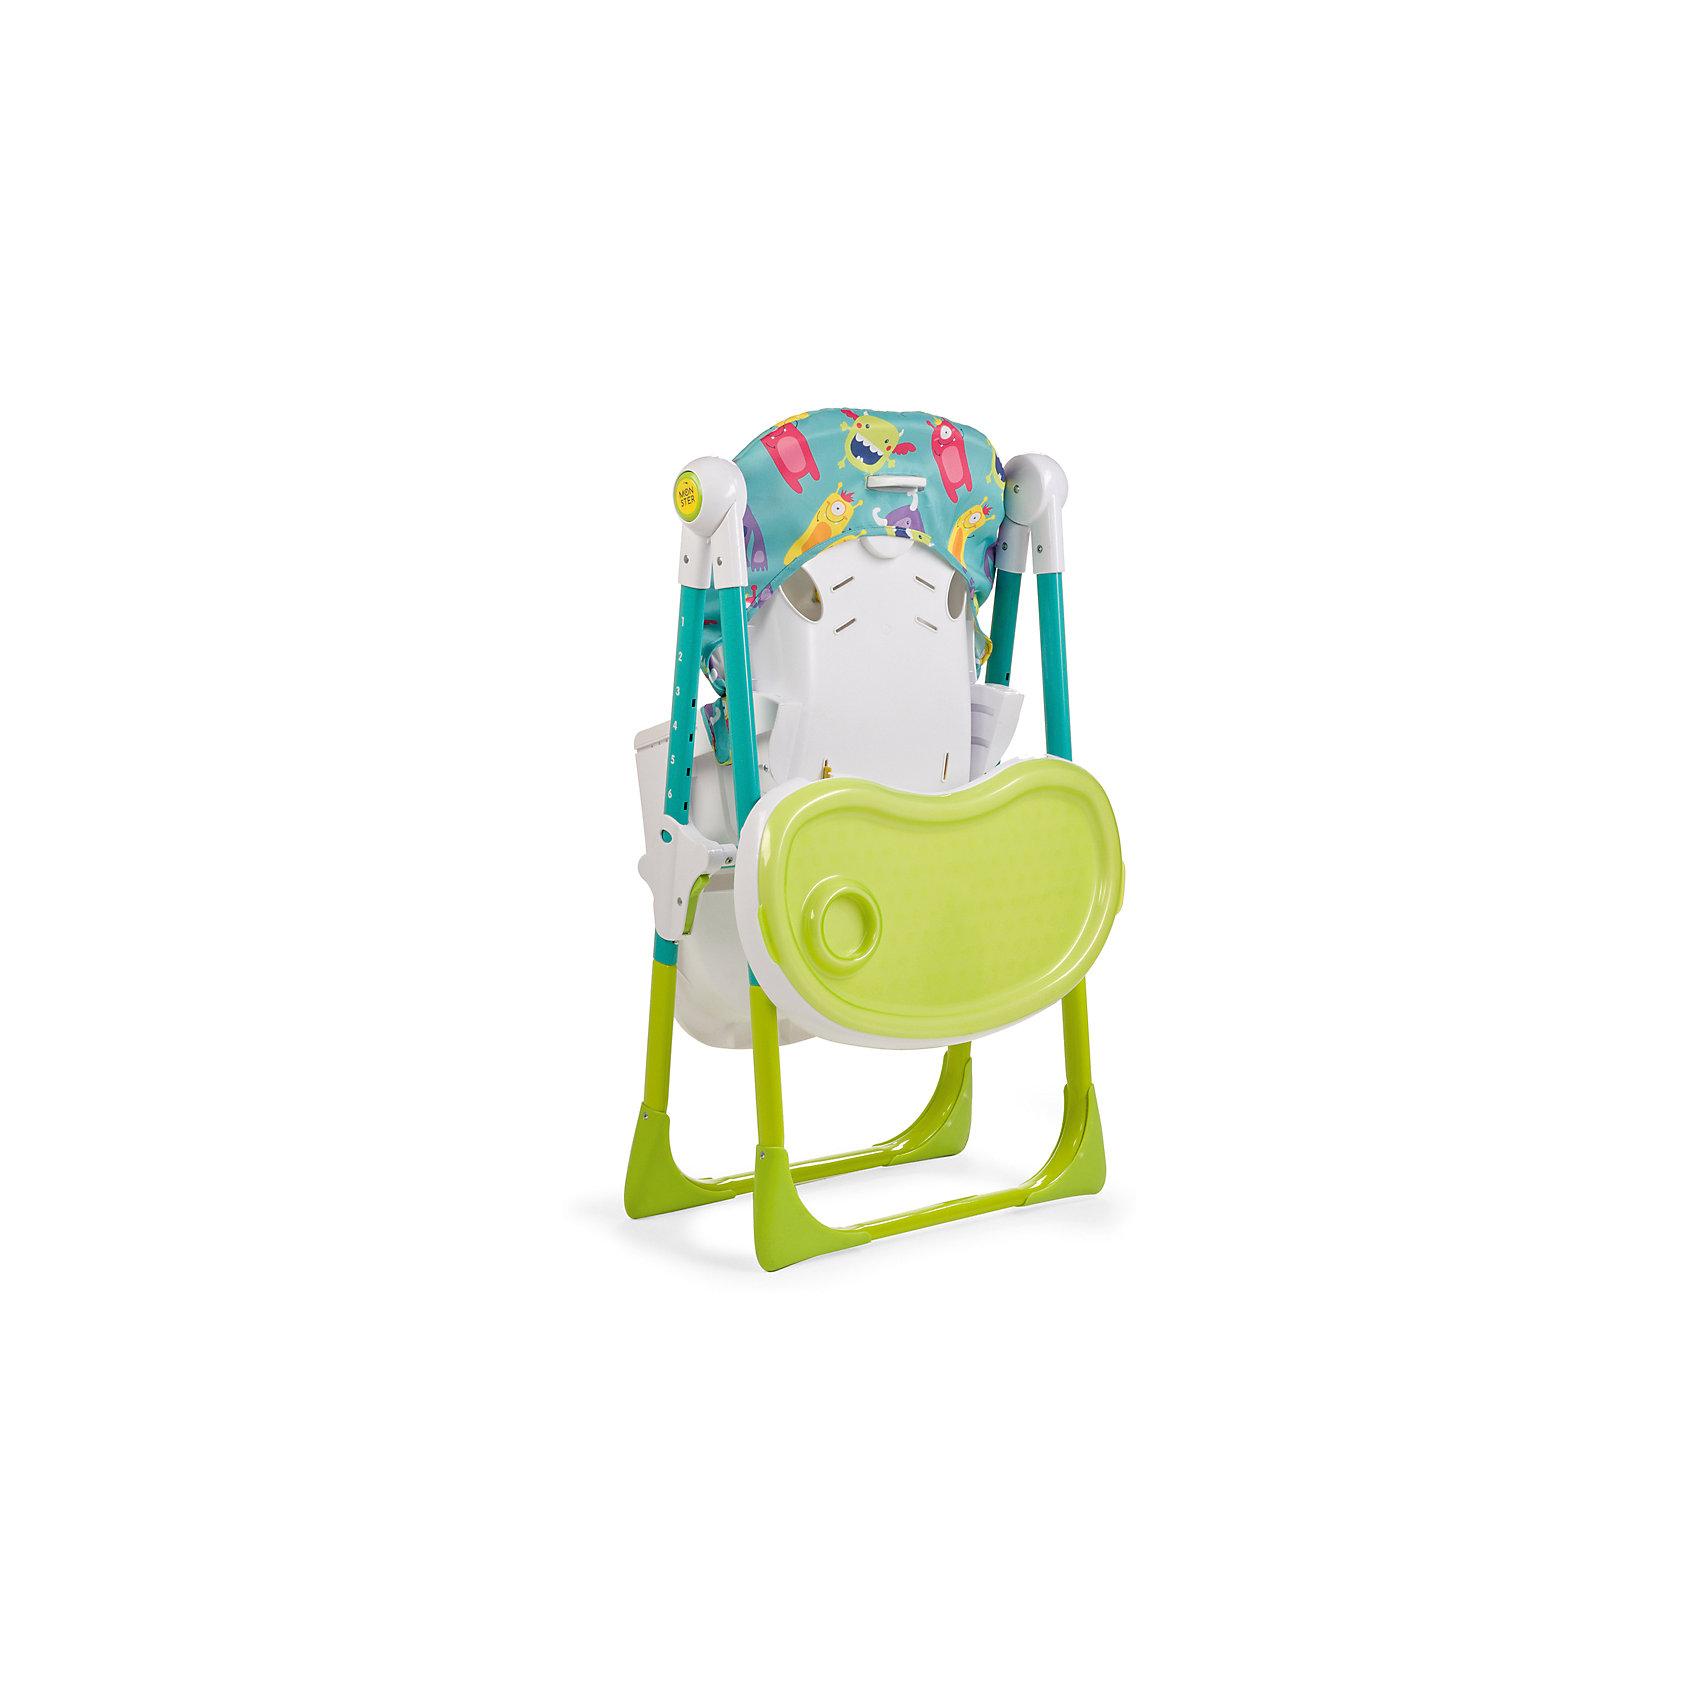 Стульчик для кормления Goodie, Happy Baby, зеленый